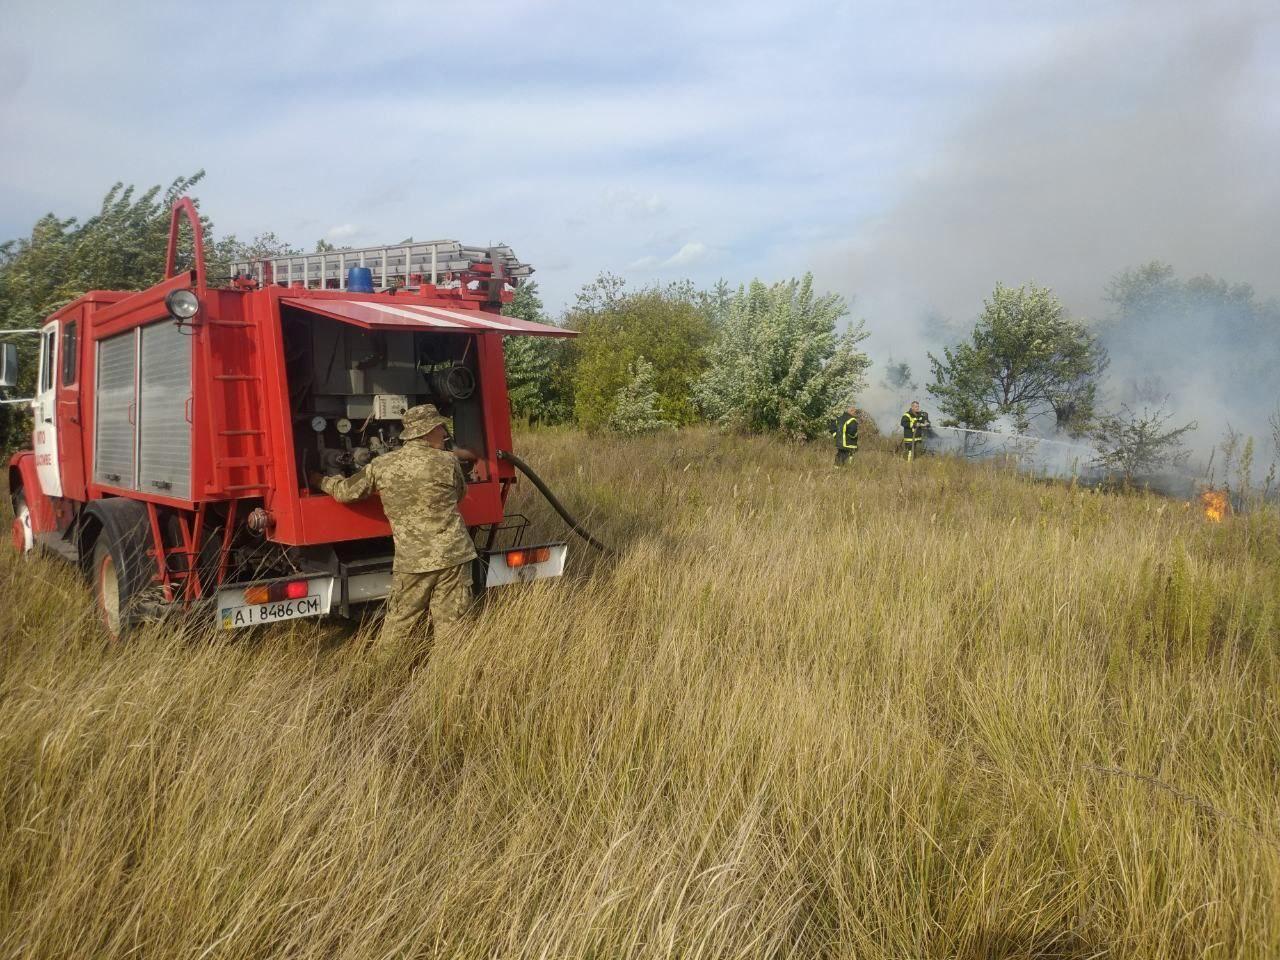 На Бориспільщині горять поля, будинки та дерева - трава, ГУ ДСНС у Київськійобласті, вогонь - photo 2020 09 18 08 59 51